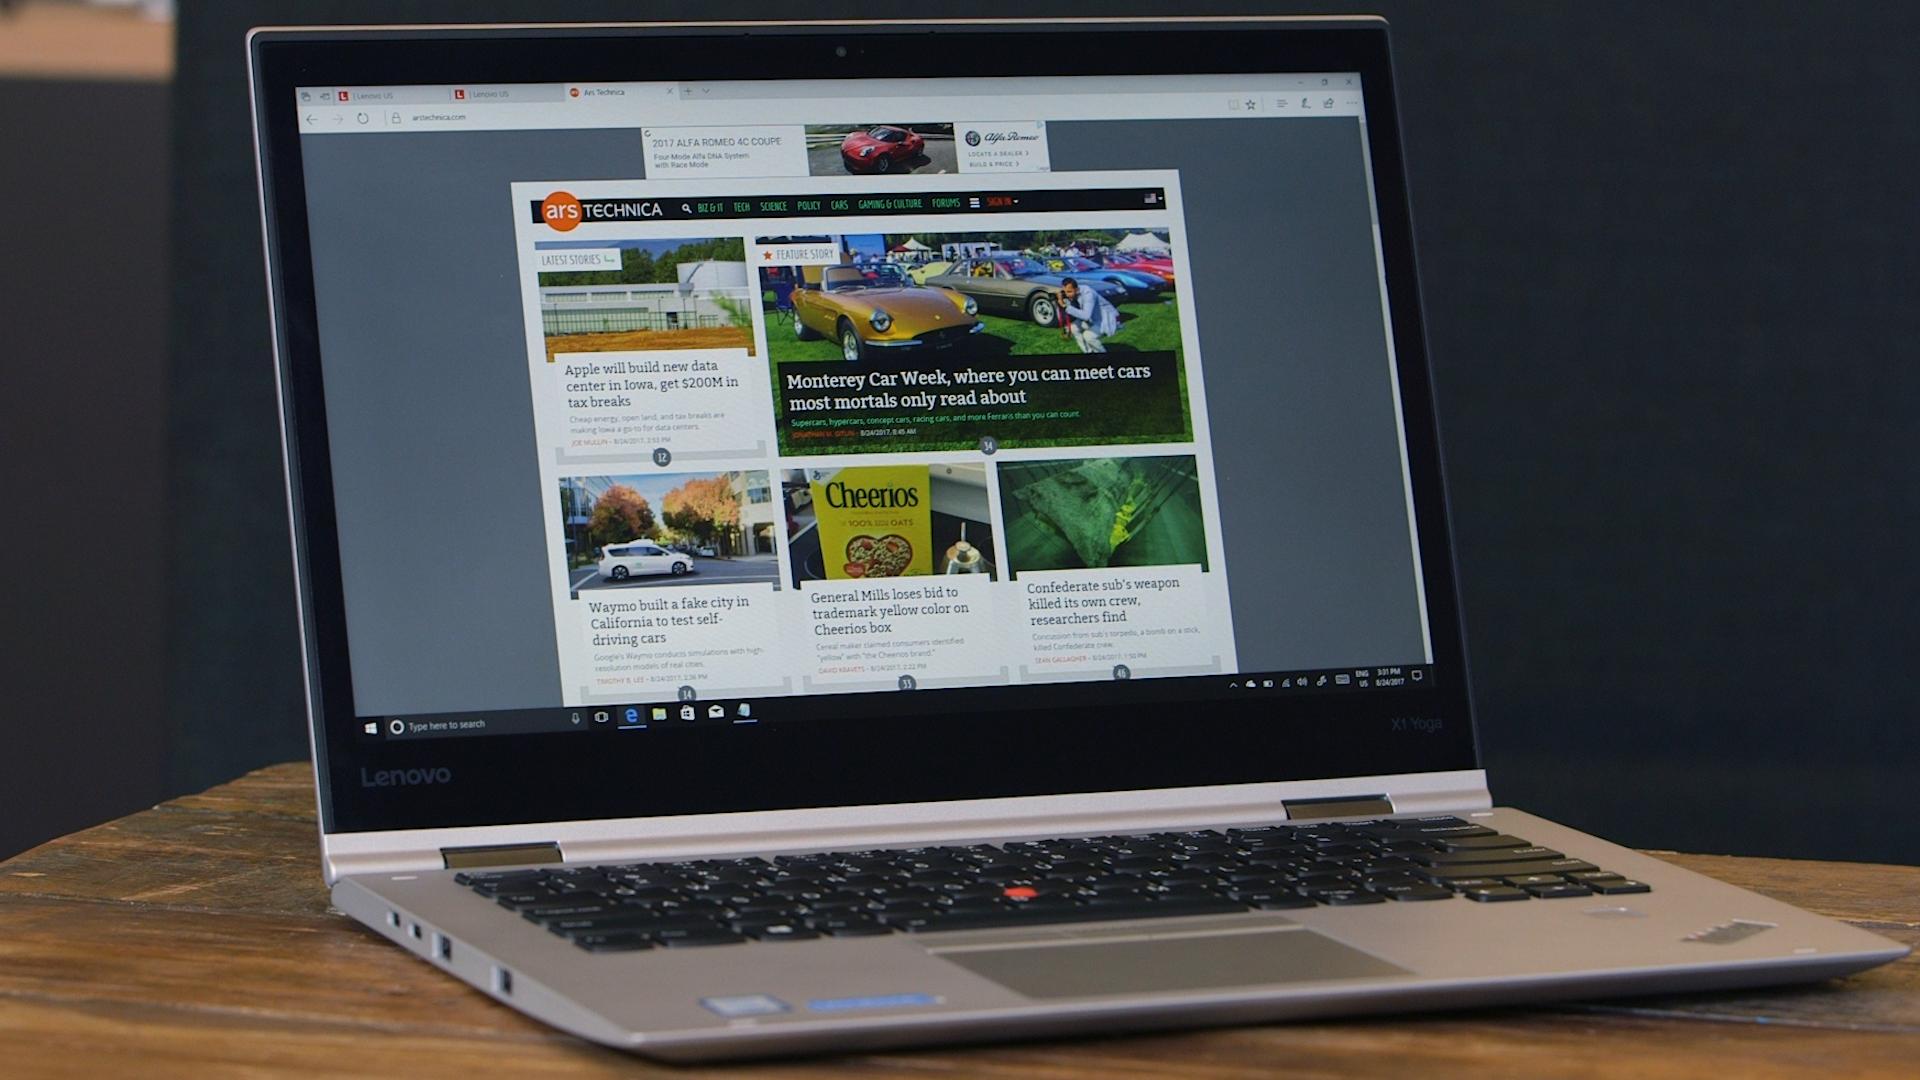 Lenovo ThinkPad X1 Yoga product image